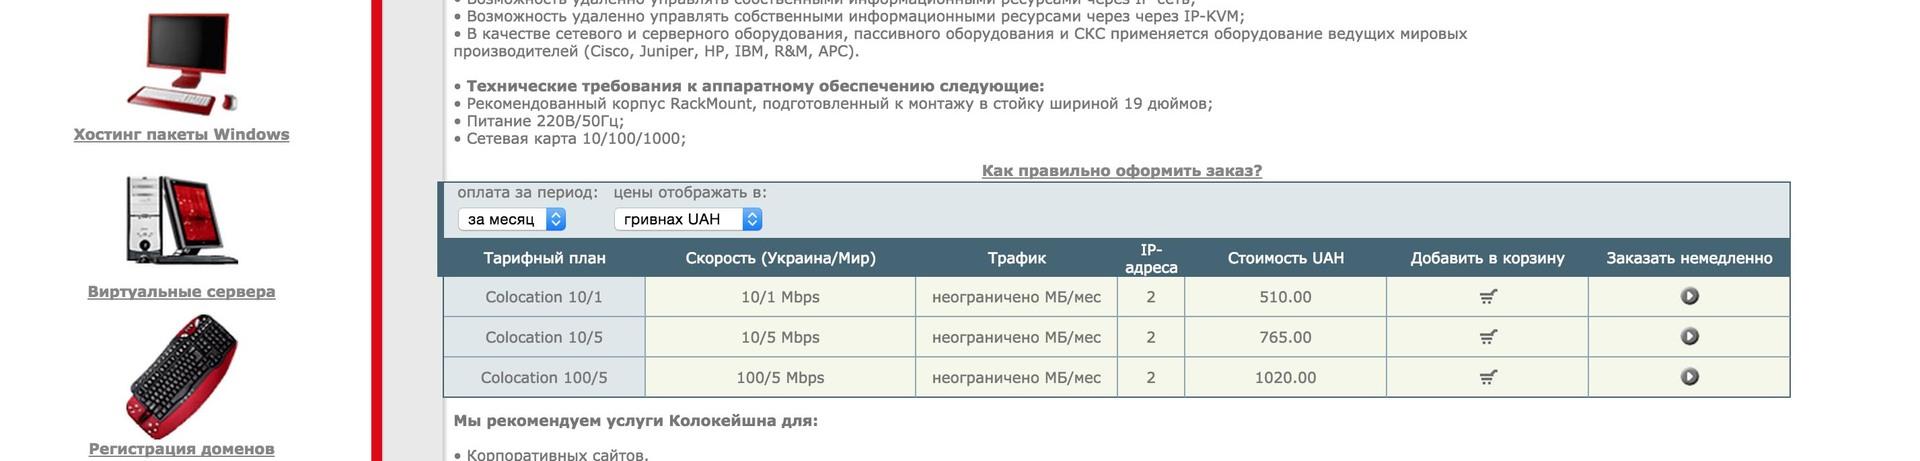 Хостинг что надо чтобы стать хостинг провайдером движок для вашего сайта.cms joomla, slaed, pnp-nuke скачать бесплатно